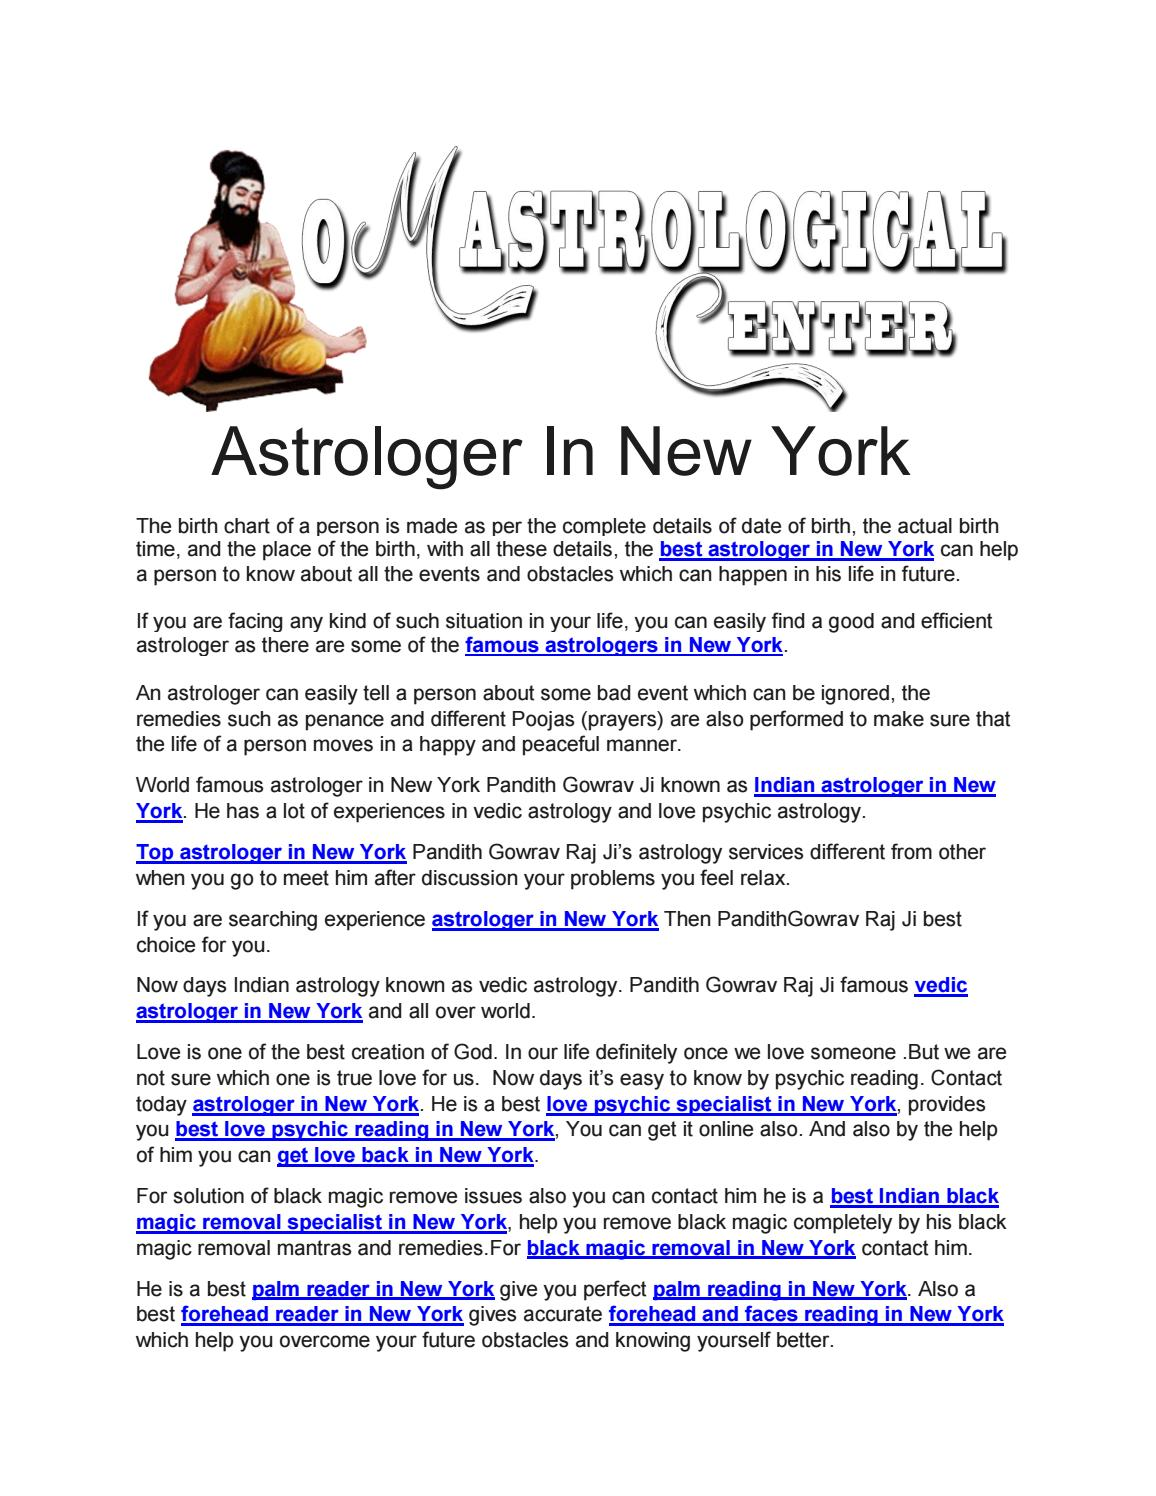 Astrologer in new york by indianvedicastrologer issuu nvjuhfo Images